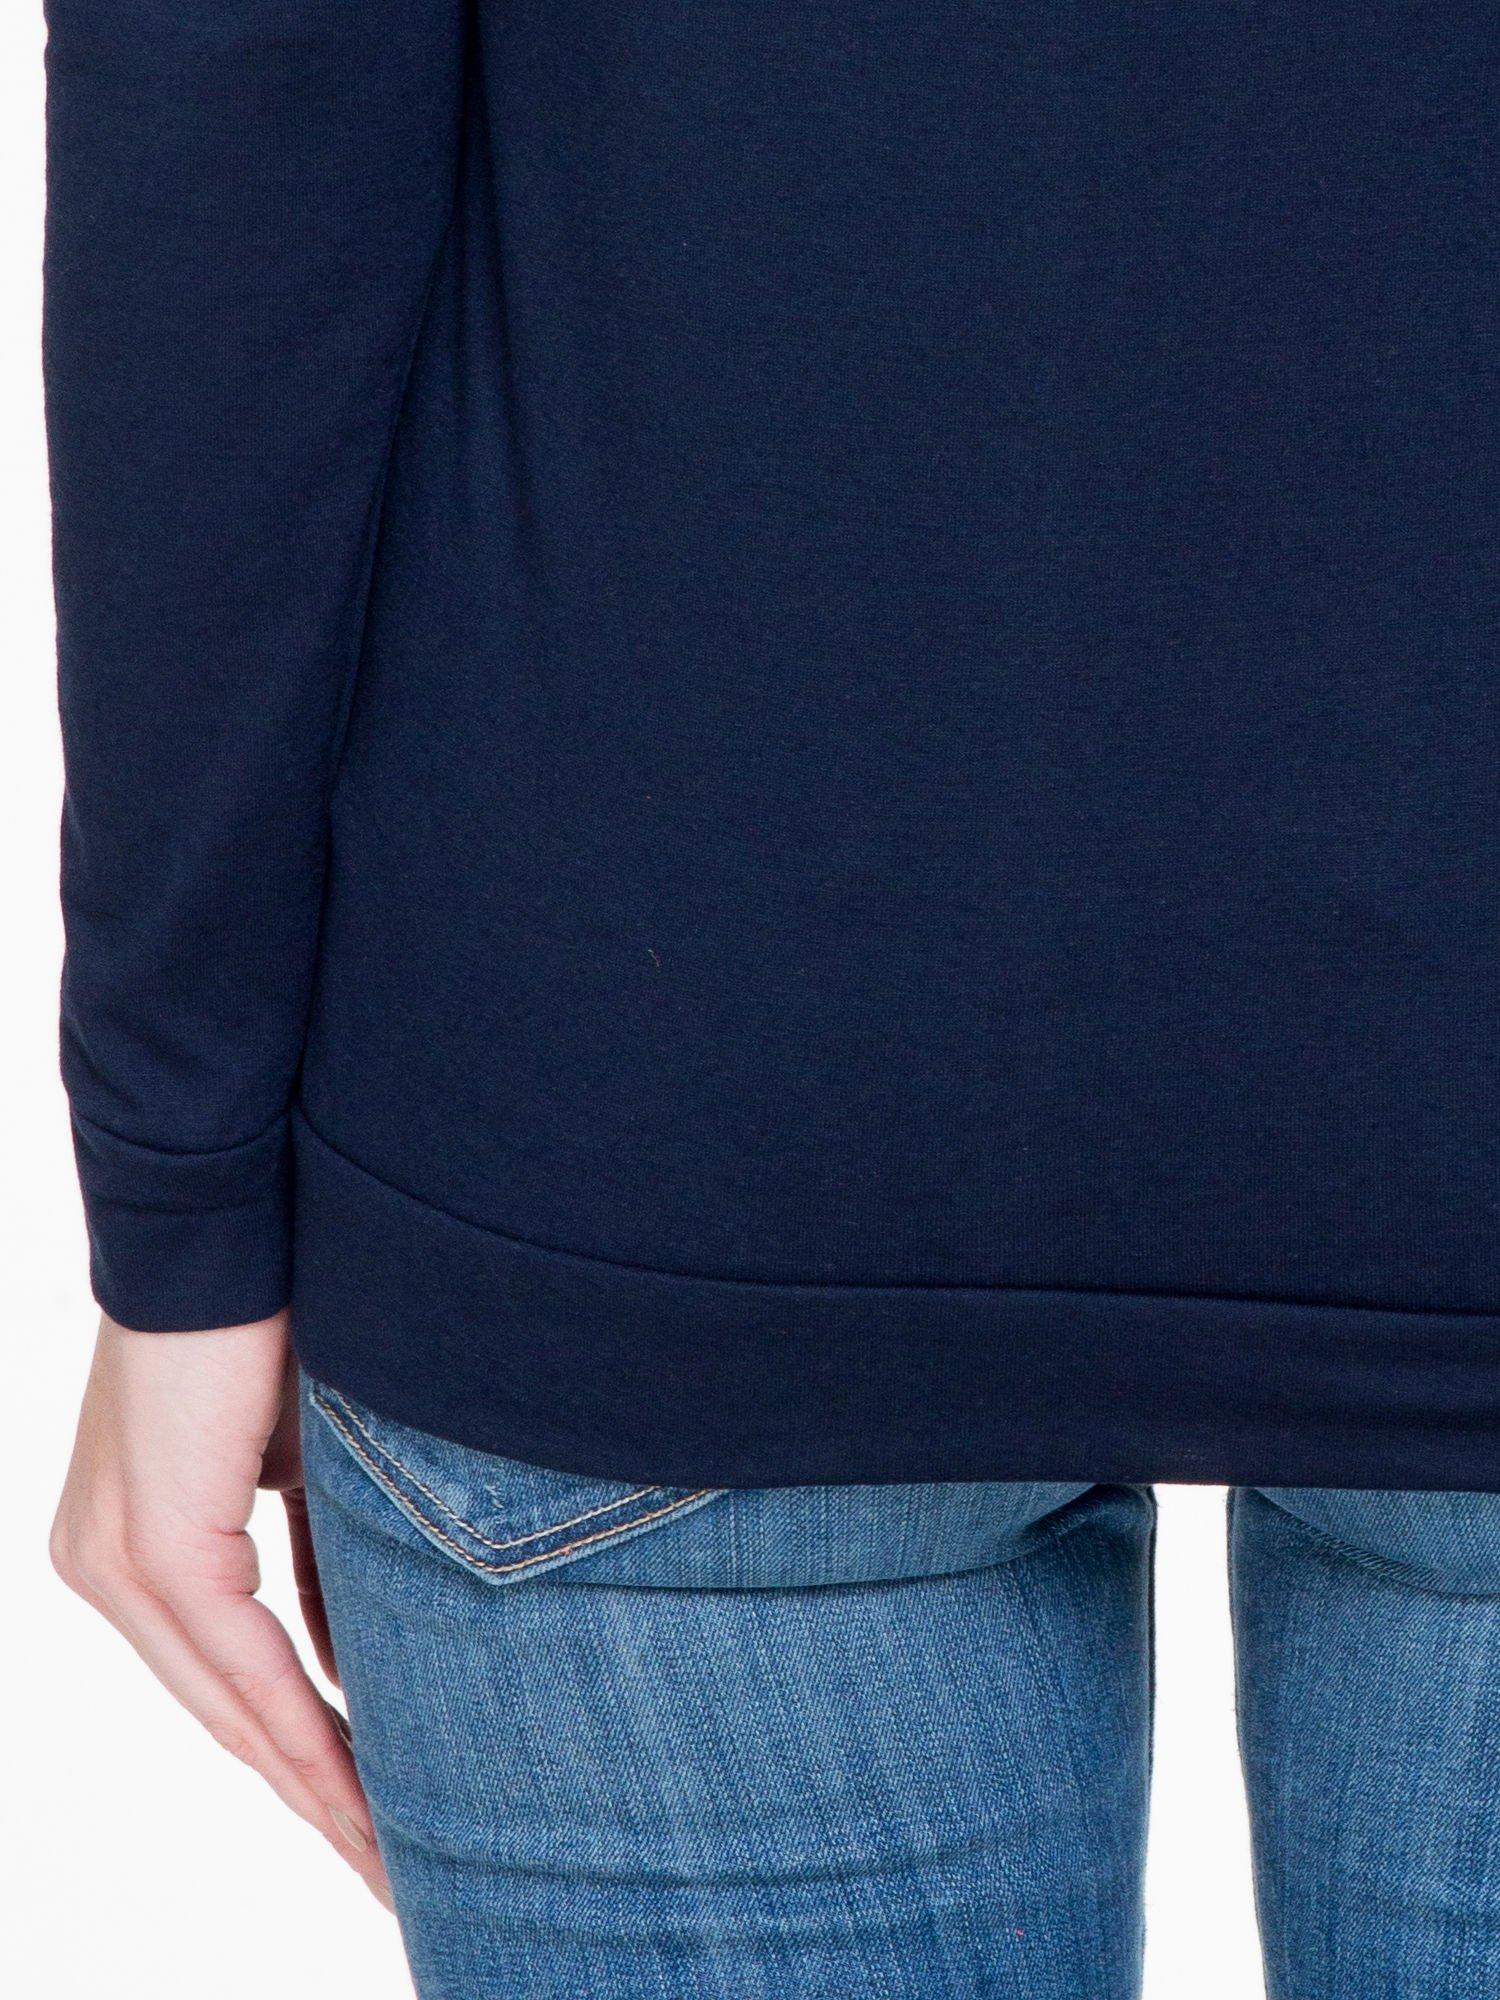 Granatowa bawełniana bluzka z rękawami typu reglan                                  zdj.                                  8